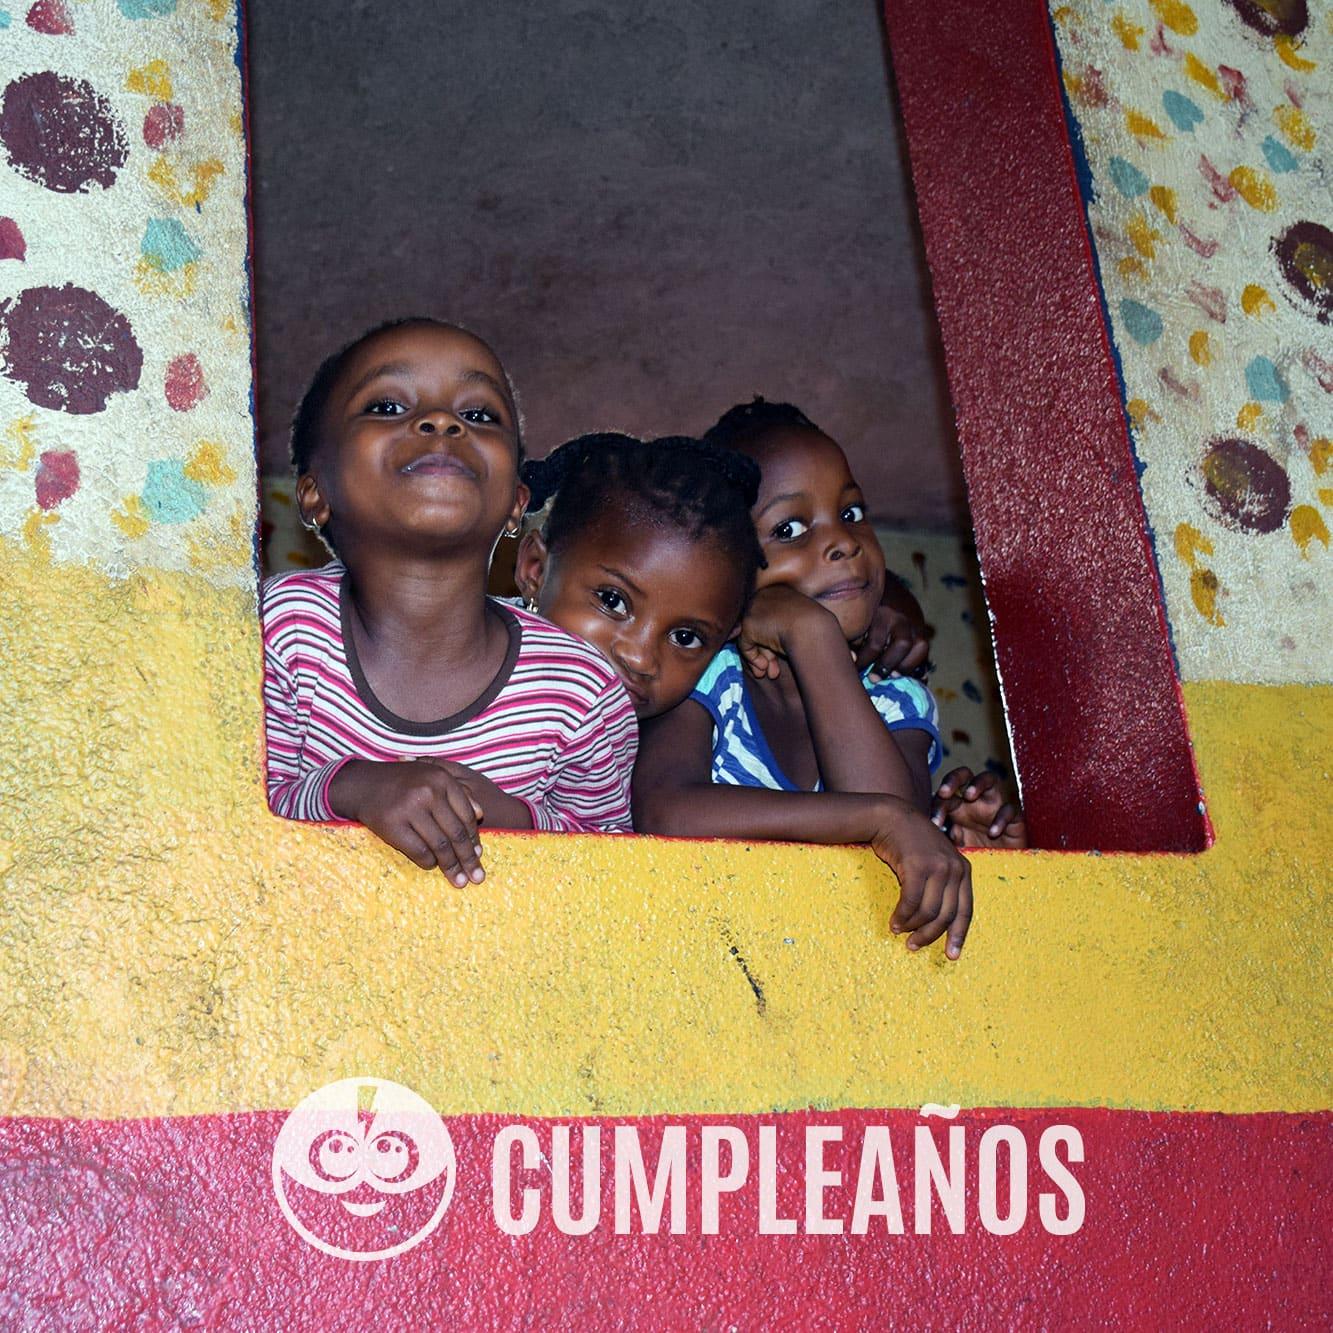 Tarjeta de cumpleaños solidario - Celebraciones solidarias y regalos solidarios - Child Heroes